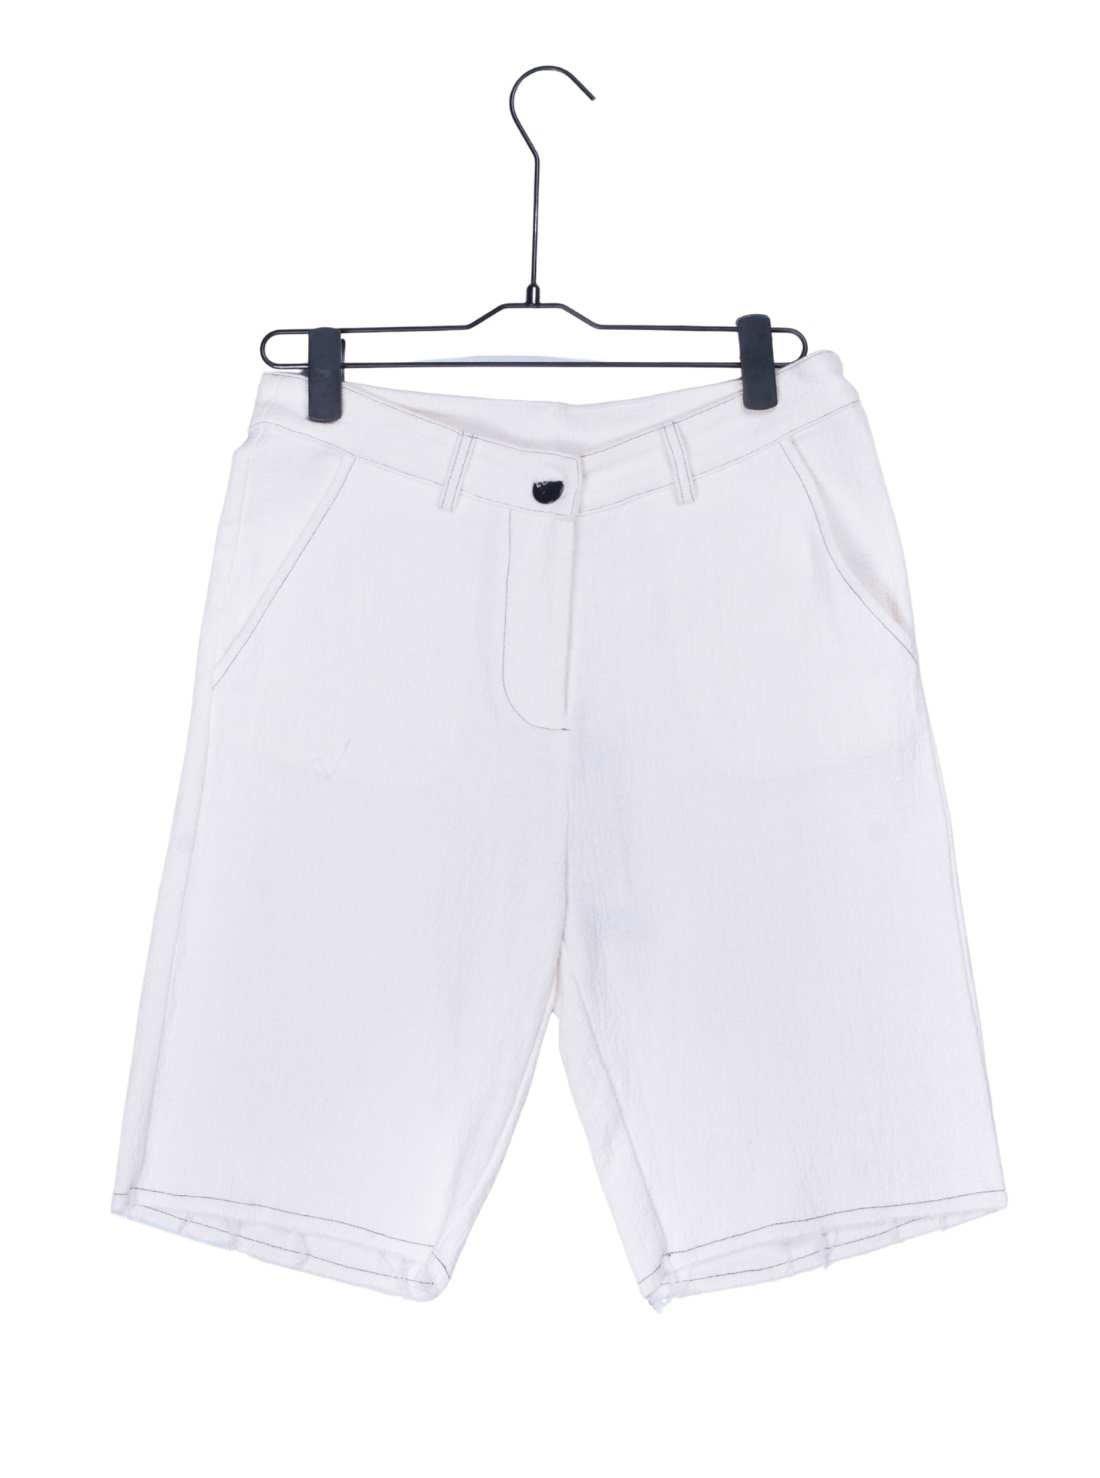 Ladies Heavy Cotton Linen Crepe Shorts